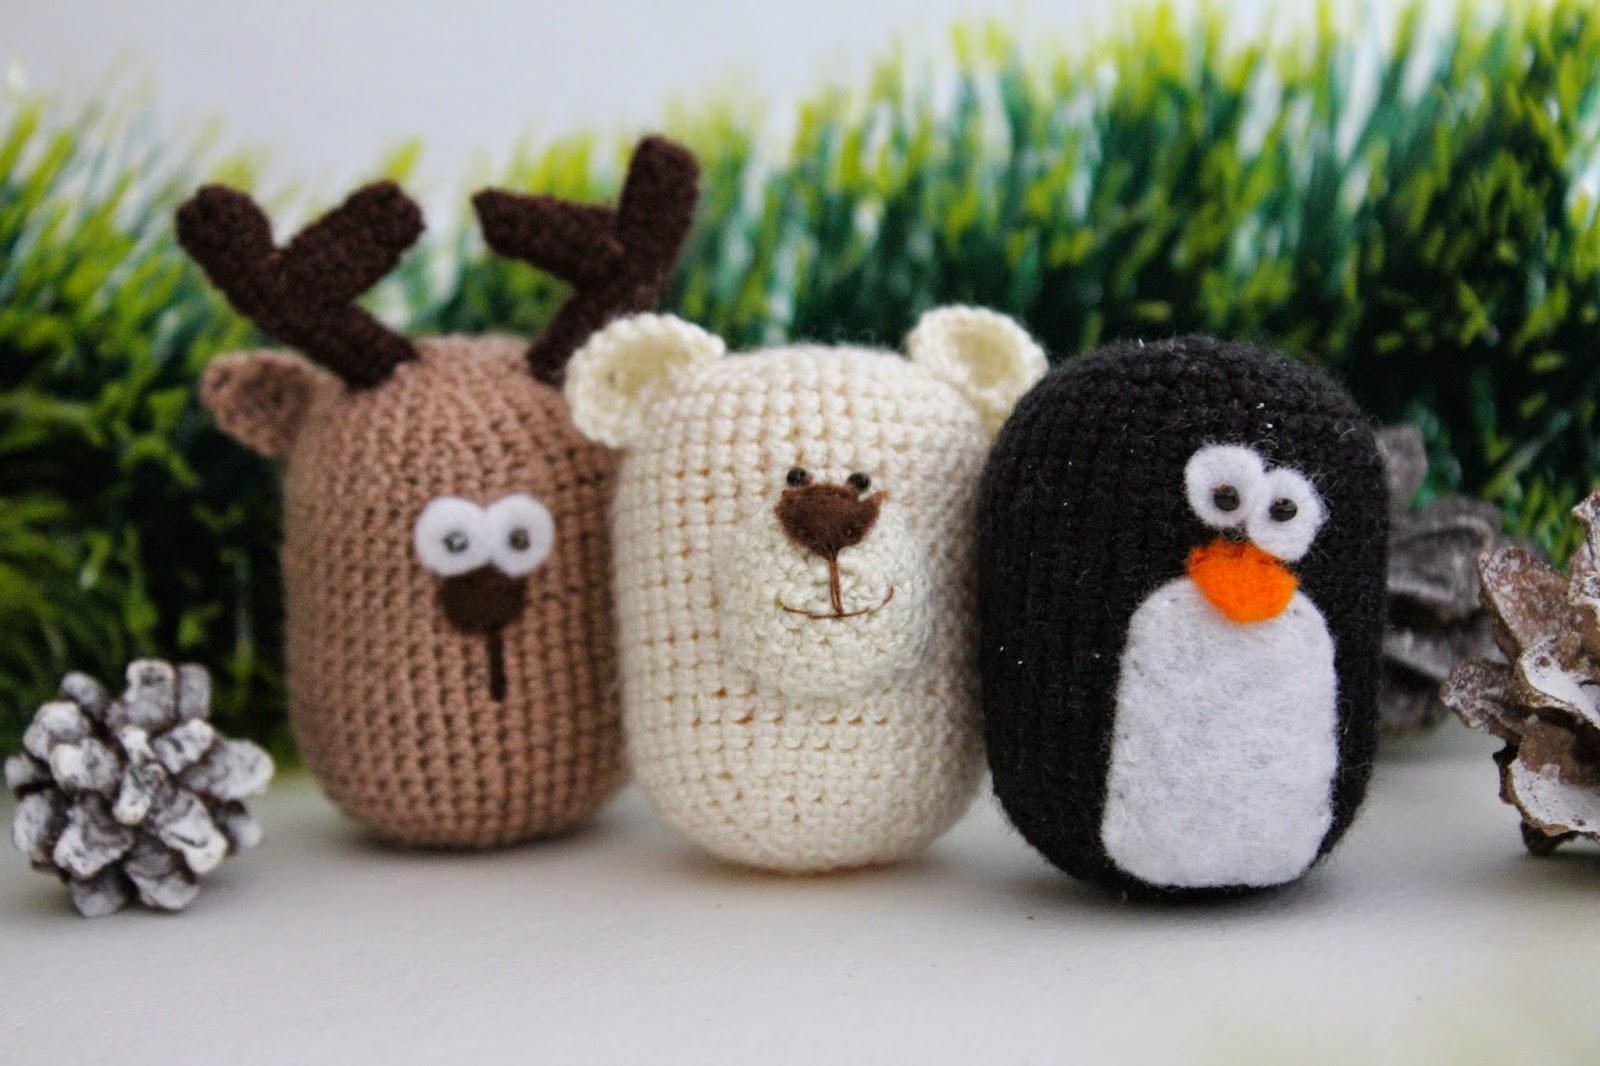 олень, пингвин, медведь, крючком